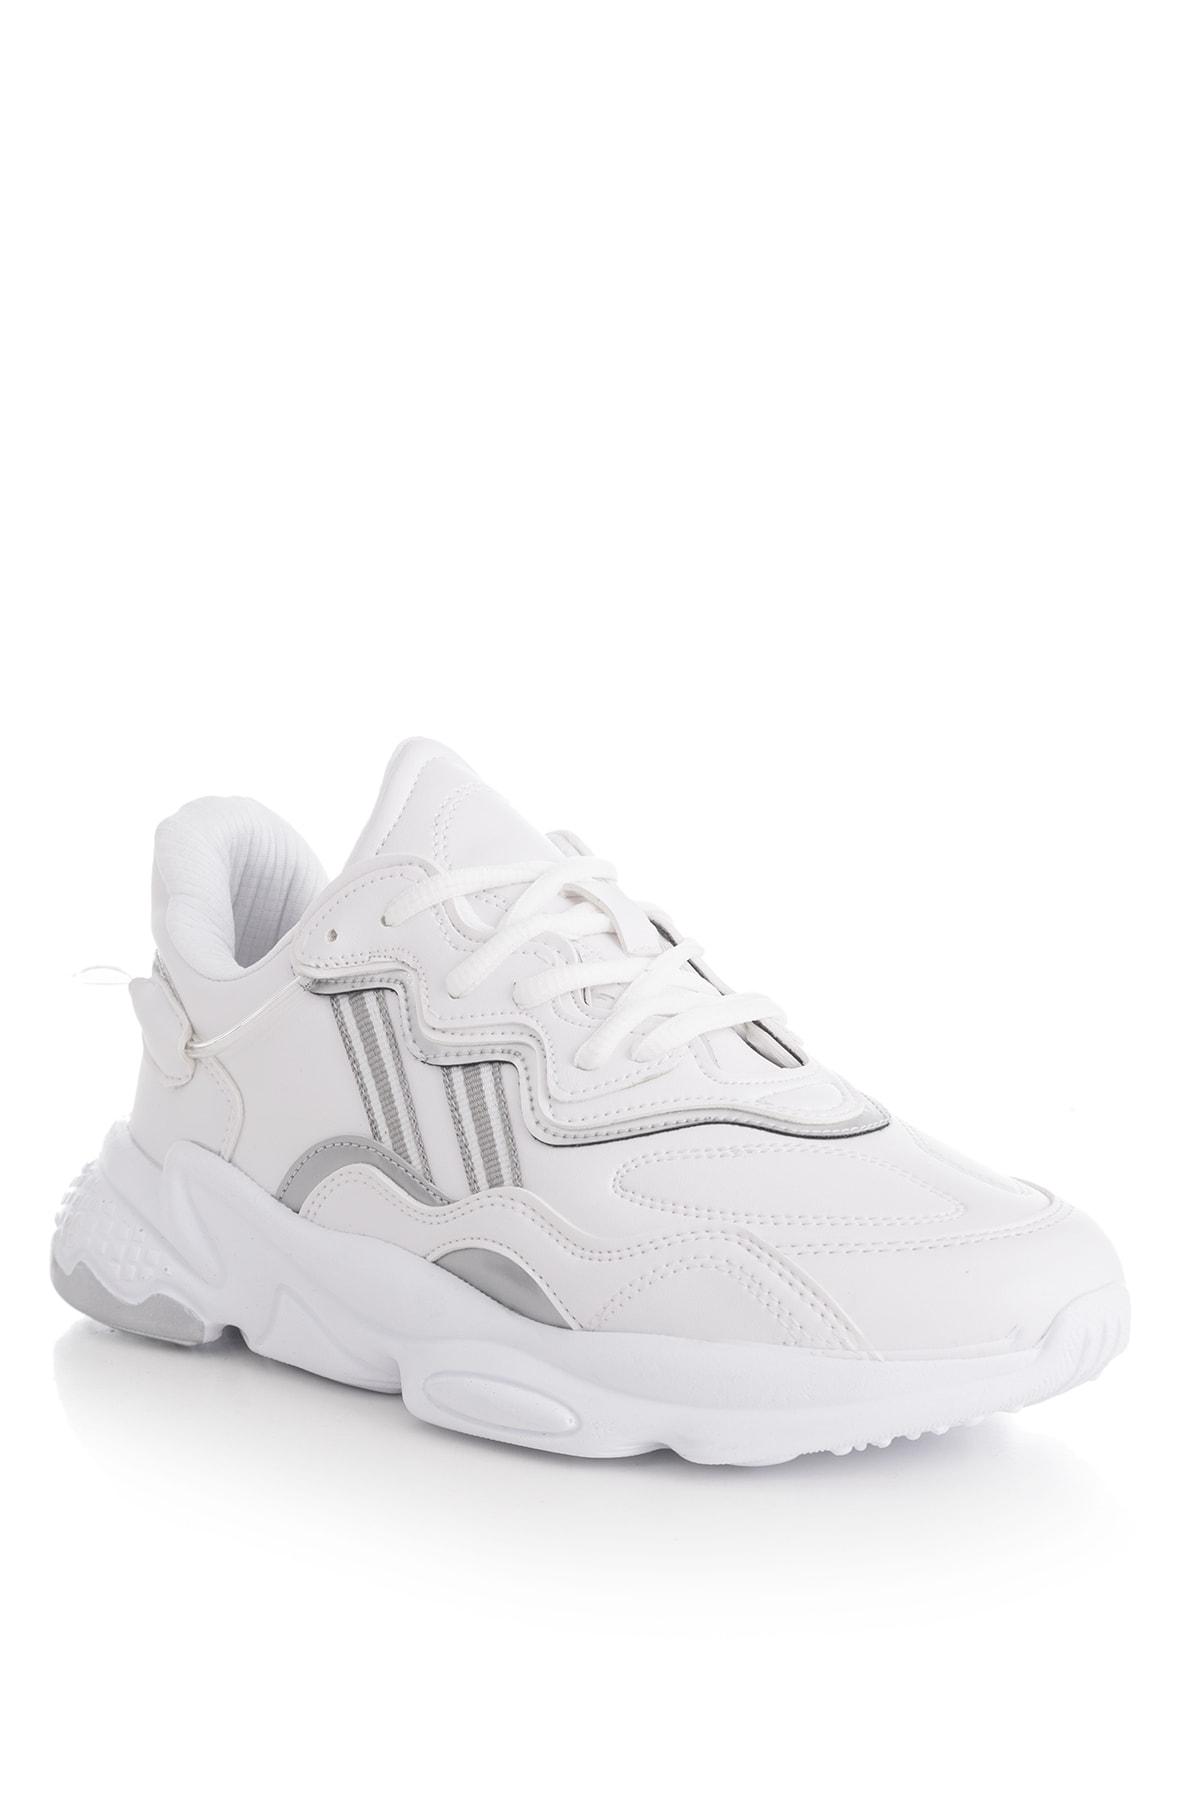 Tonny Black Unısex Spor Ayakkabı Beyaz Cilt Tb248 -> 40 -> Beyaz Cilt 1